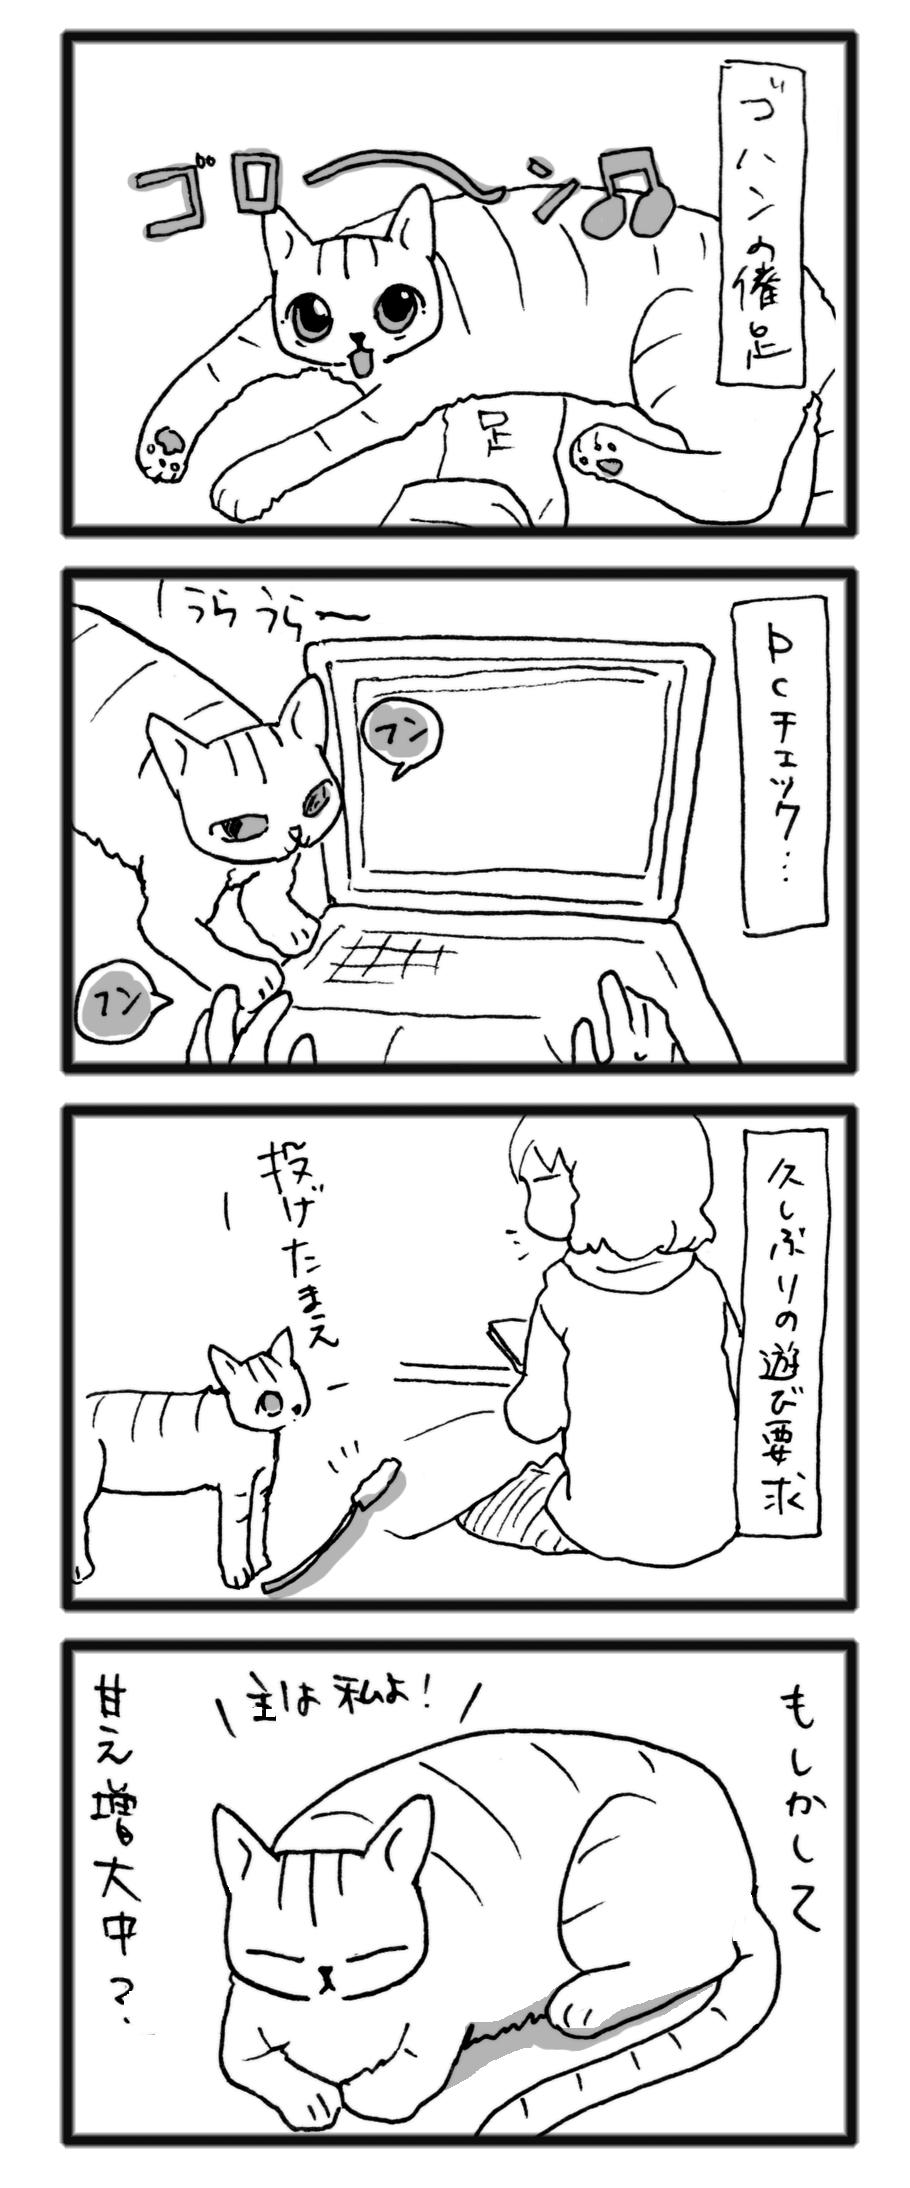 comic_14012301.jpg